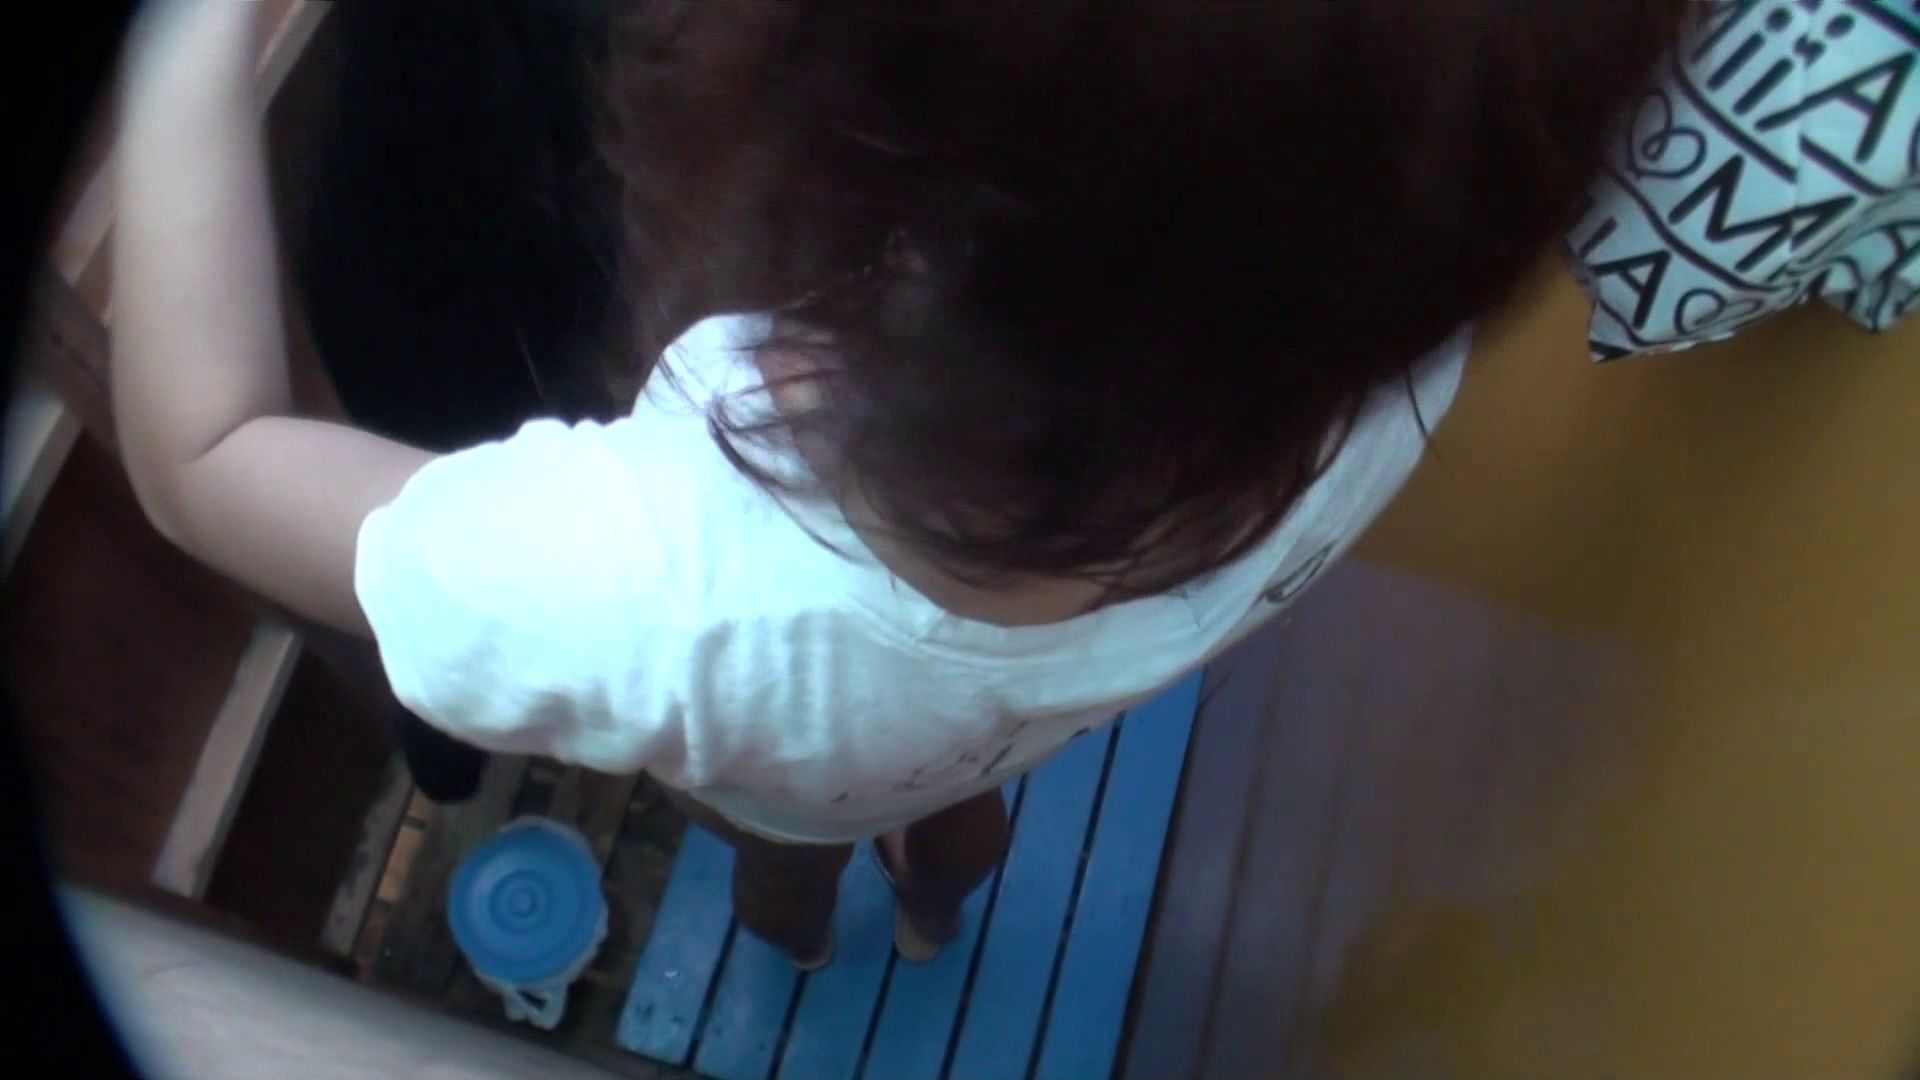 シャワールームは超!!危険な香りVol.20 乳首が見えるのはほんの一瞬です 背中をお楽しみ下さい・・・ シャワー | 高画質  91pic 81